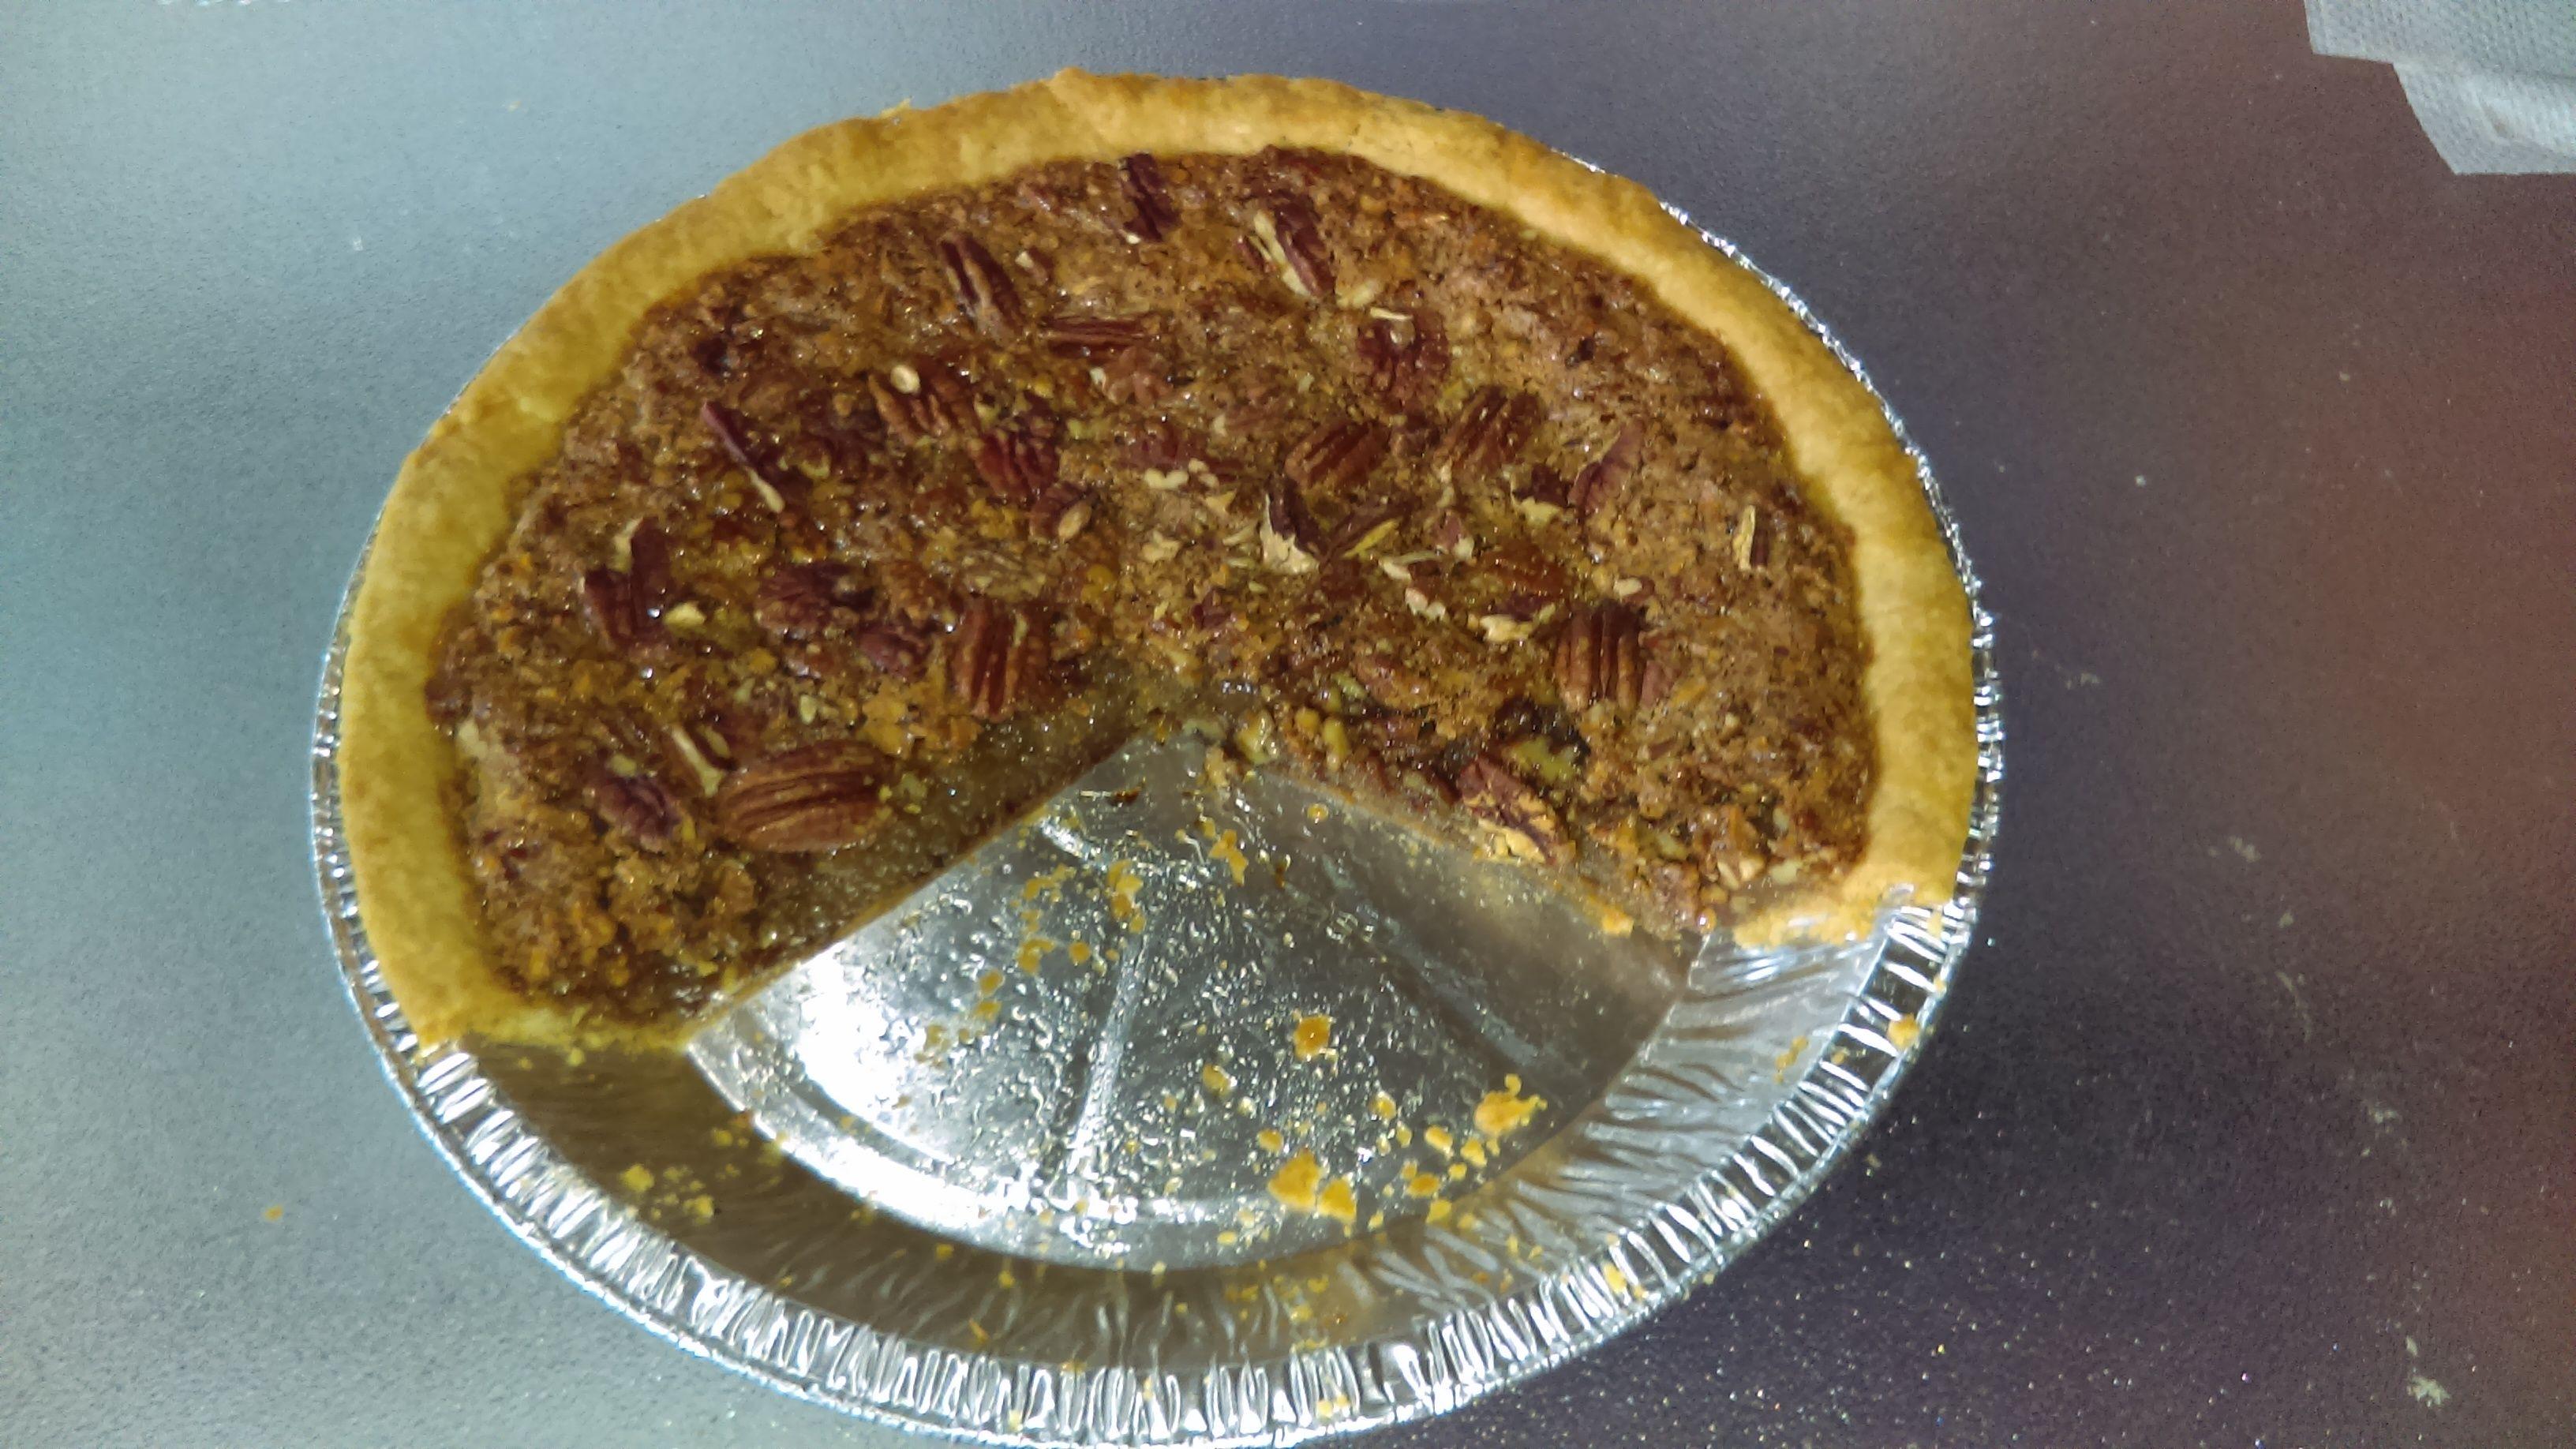 David's Pecan Pie A Southern Favorite